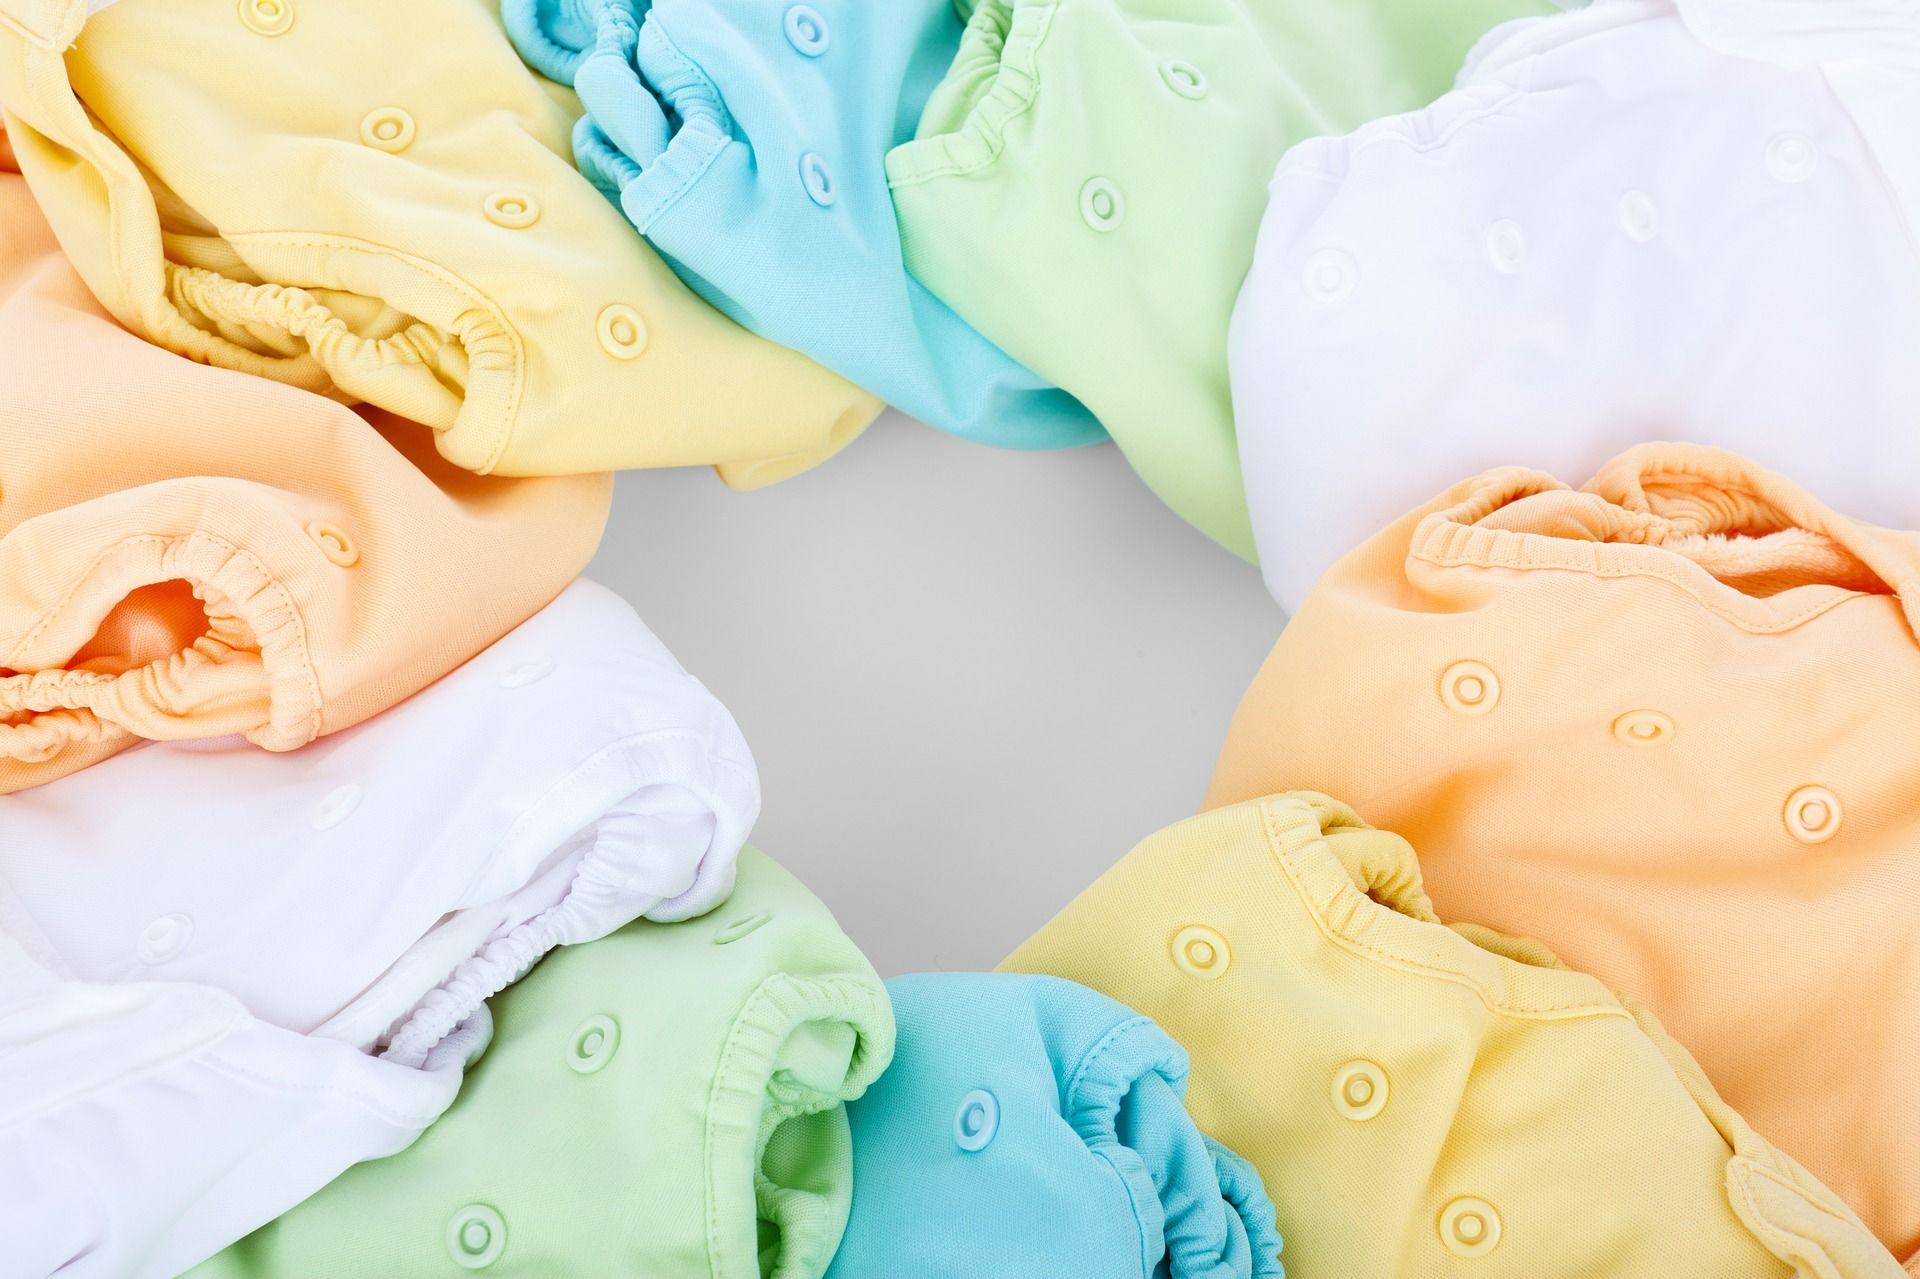 2. Cek kebutuhan dasar bayi saat ia menangis